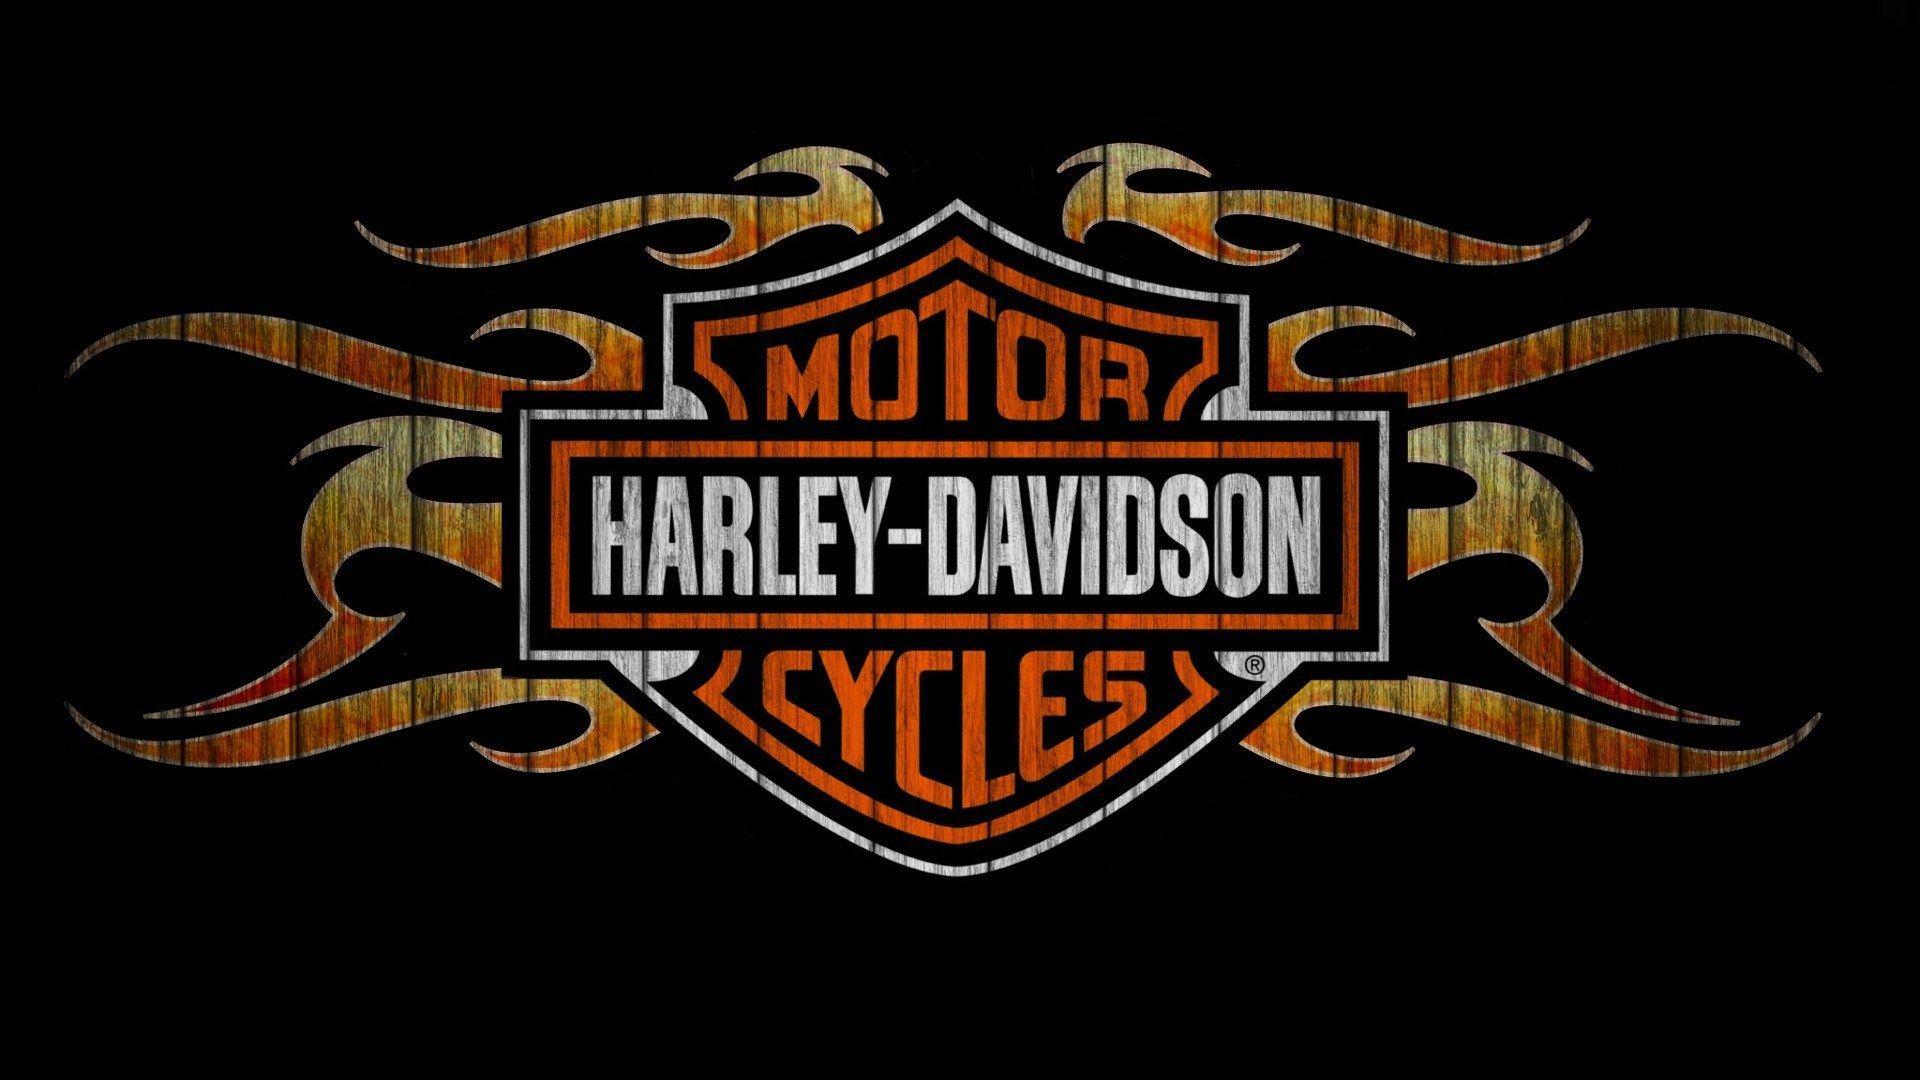 Harley-Davidson Logo Wallpapers - Top Free Harley-Davidson